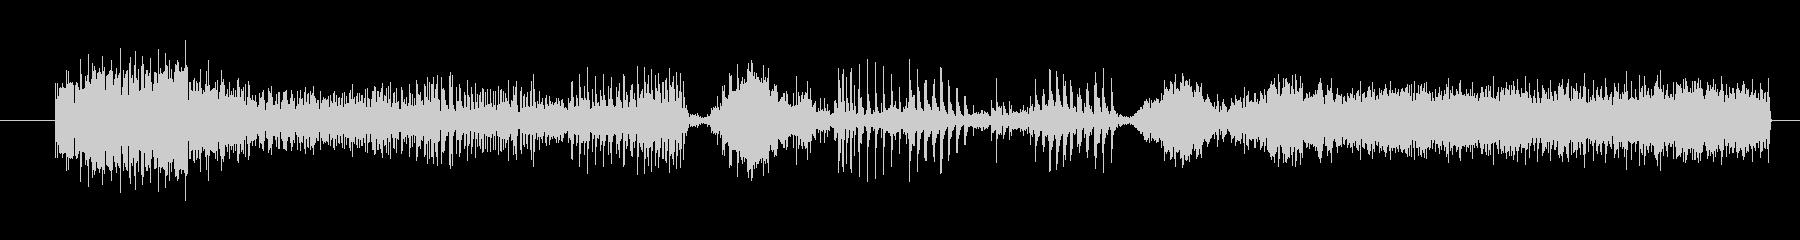 イメージ ボーカルグリッチ03の未再生の波形